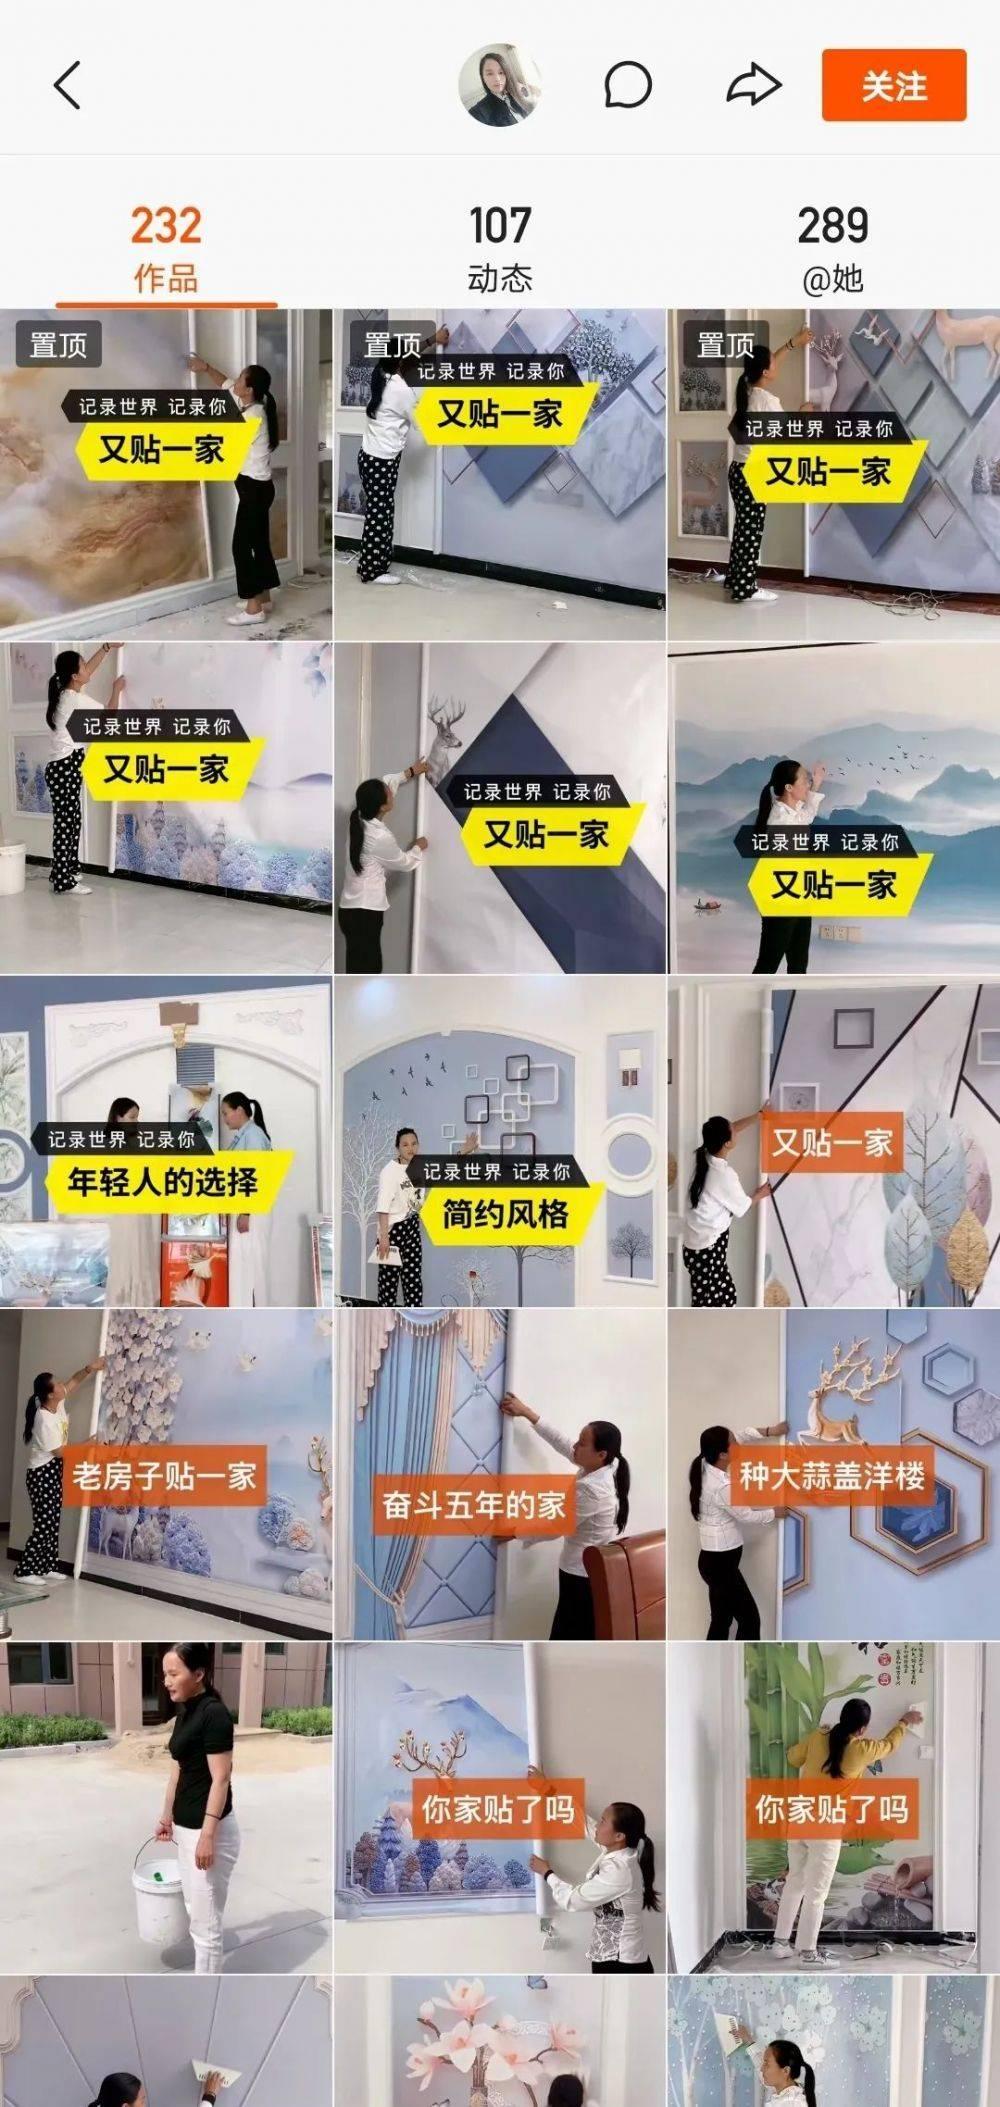 临沂,快手上的一座商家生意城-第7张图片-周小辉<a href='https://www.zhouxiaohui.cn/duanshipin/'>短视频</a>培训博客